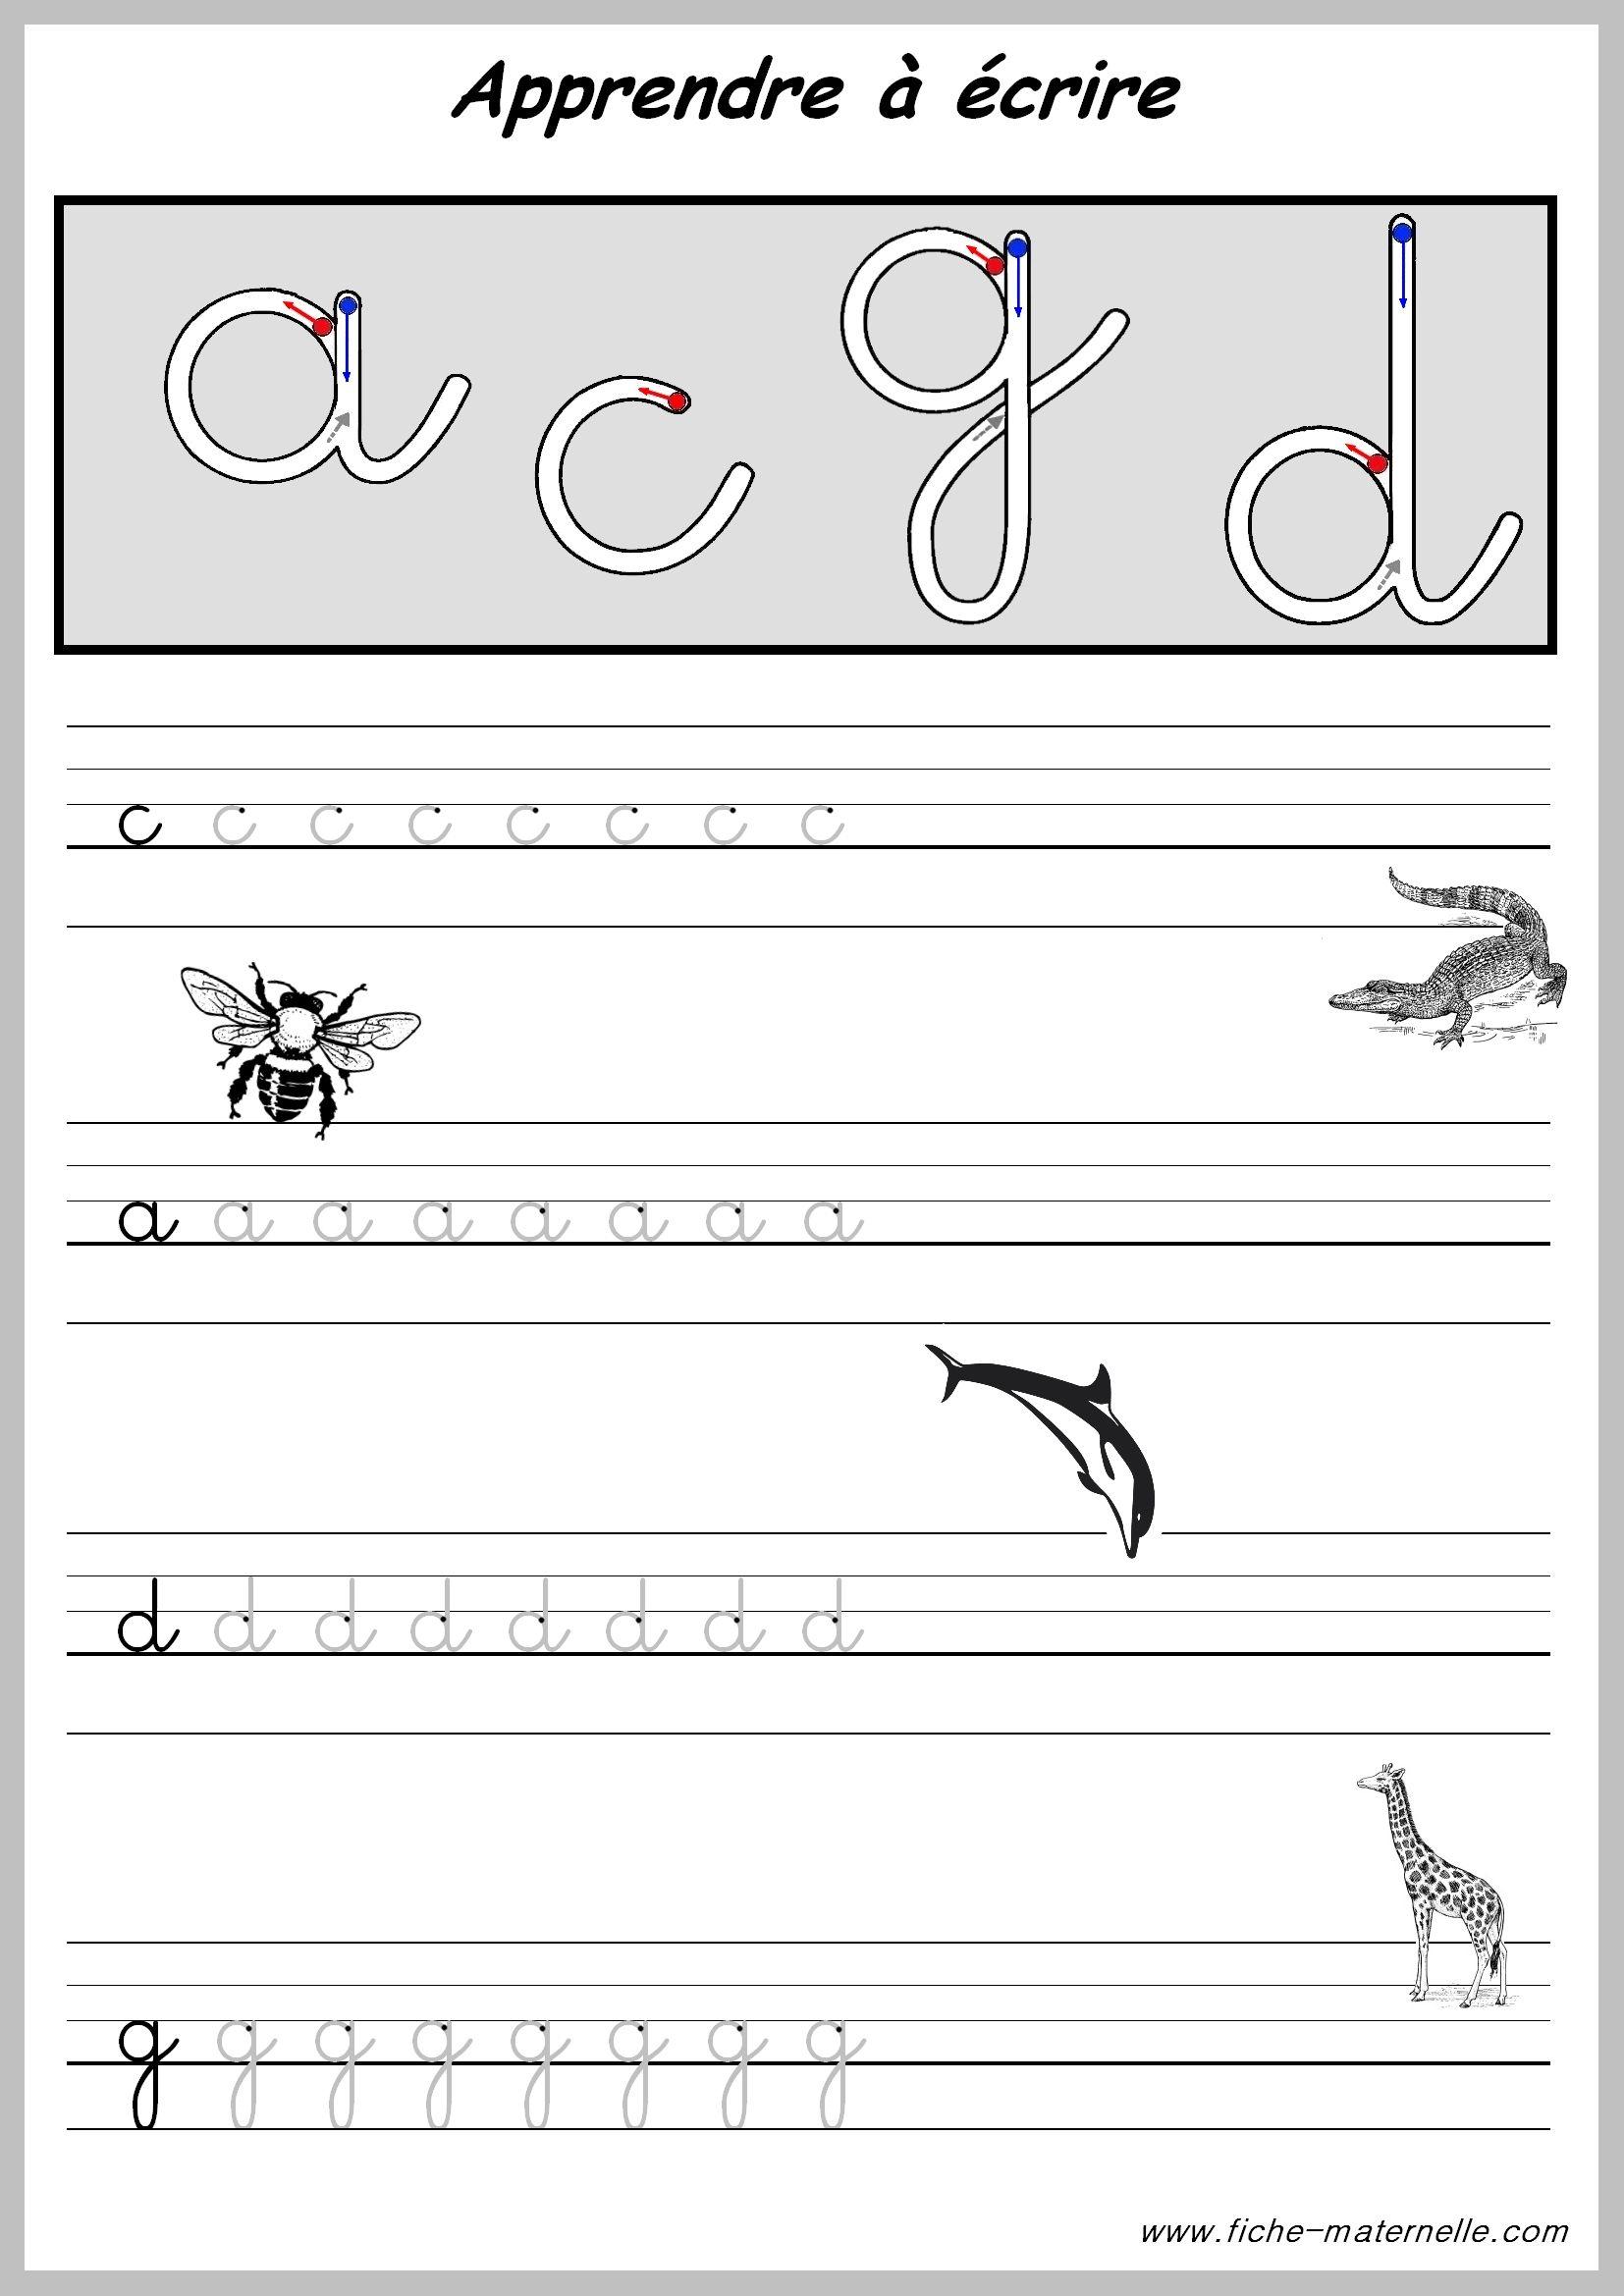 Exercices Pour Apprendre A Ecrire. | Apprendre À Écrire avec Exercice Graphisme Cp